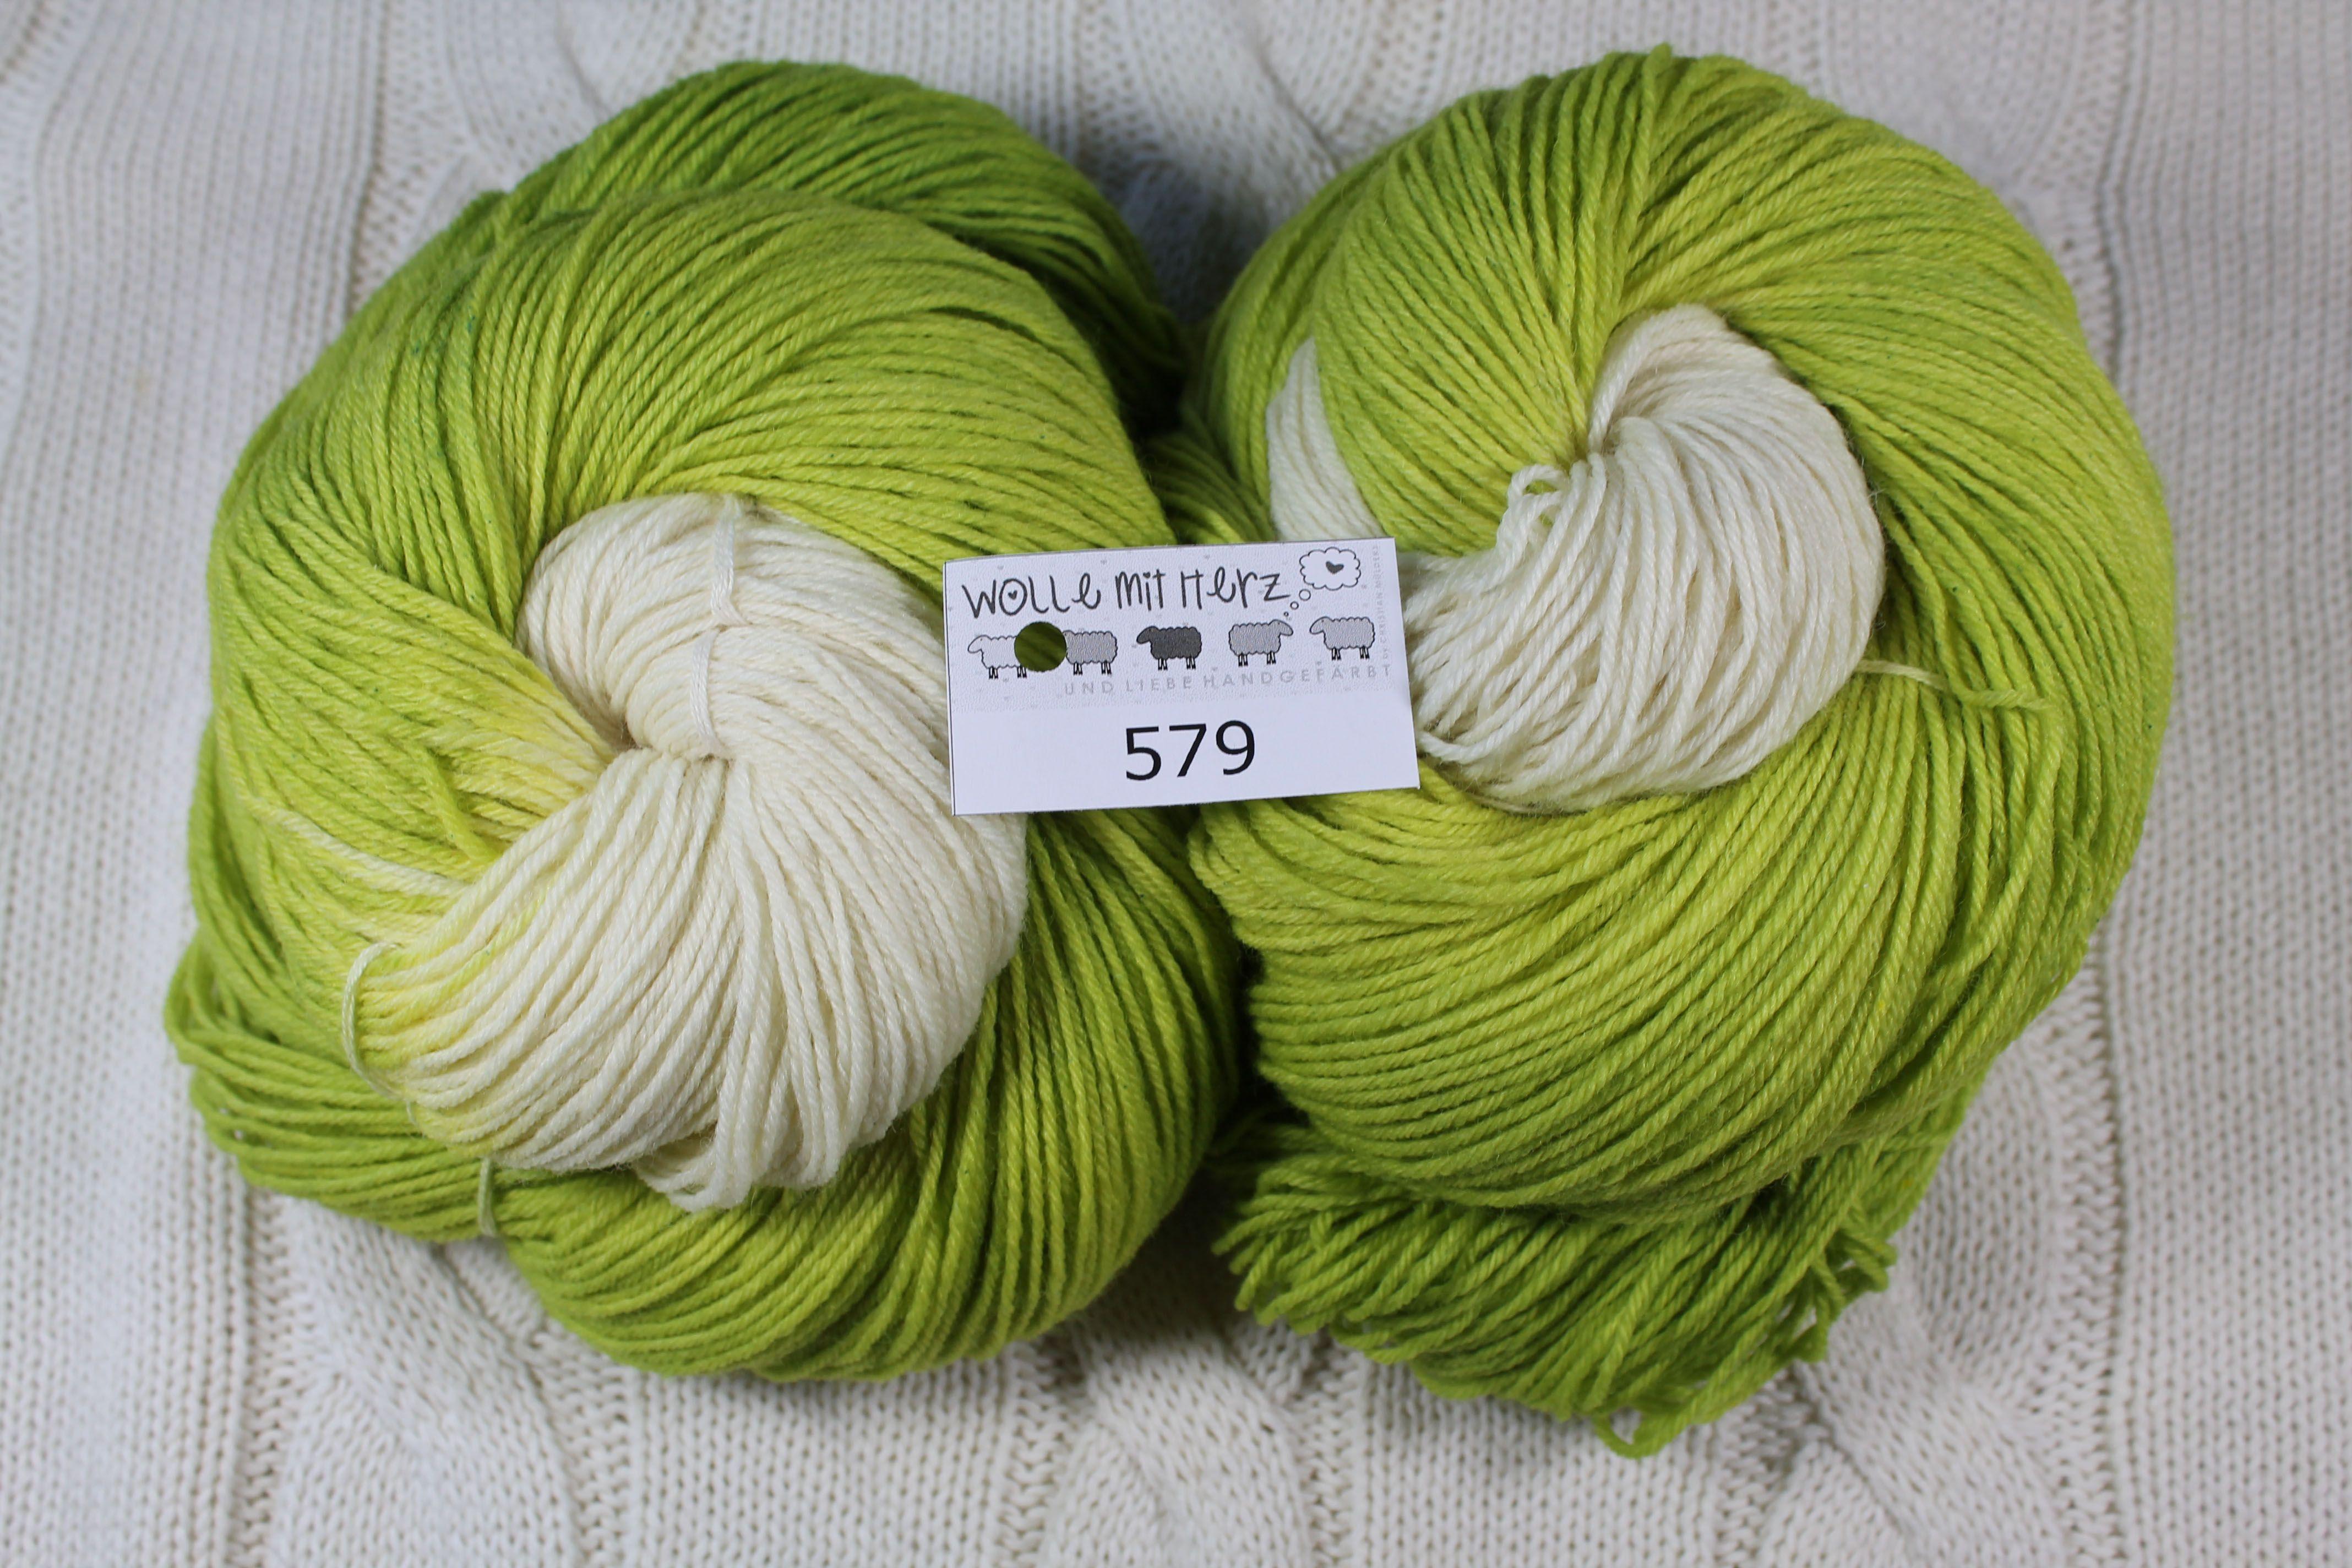 handgefärbte Wolle von Wolle mit Herz http://wolle-mit-herz.de/